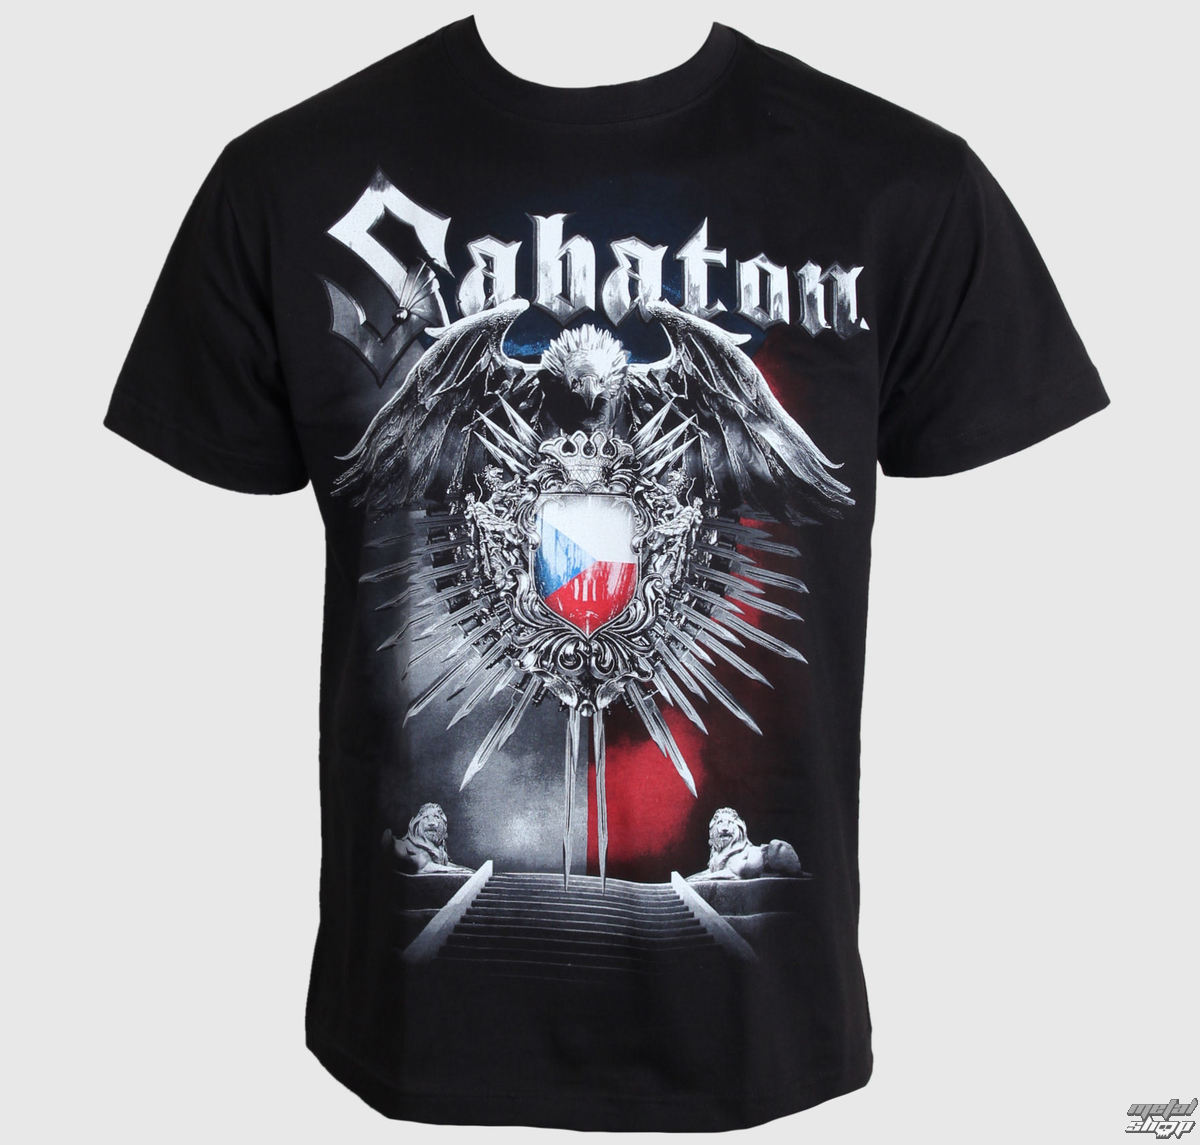 48ccaedccda8 Není to tak dlouho co se objevilo tričko Sabaton s českou vlajkou. Triko  mělo velkej úspěch a tak není divu